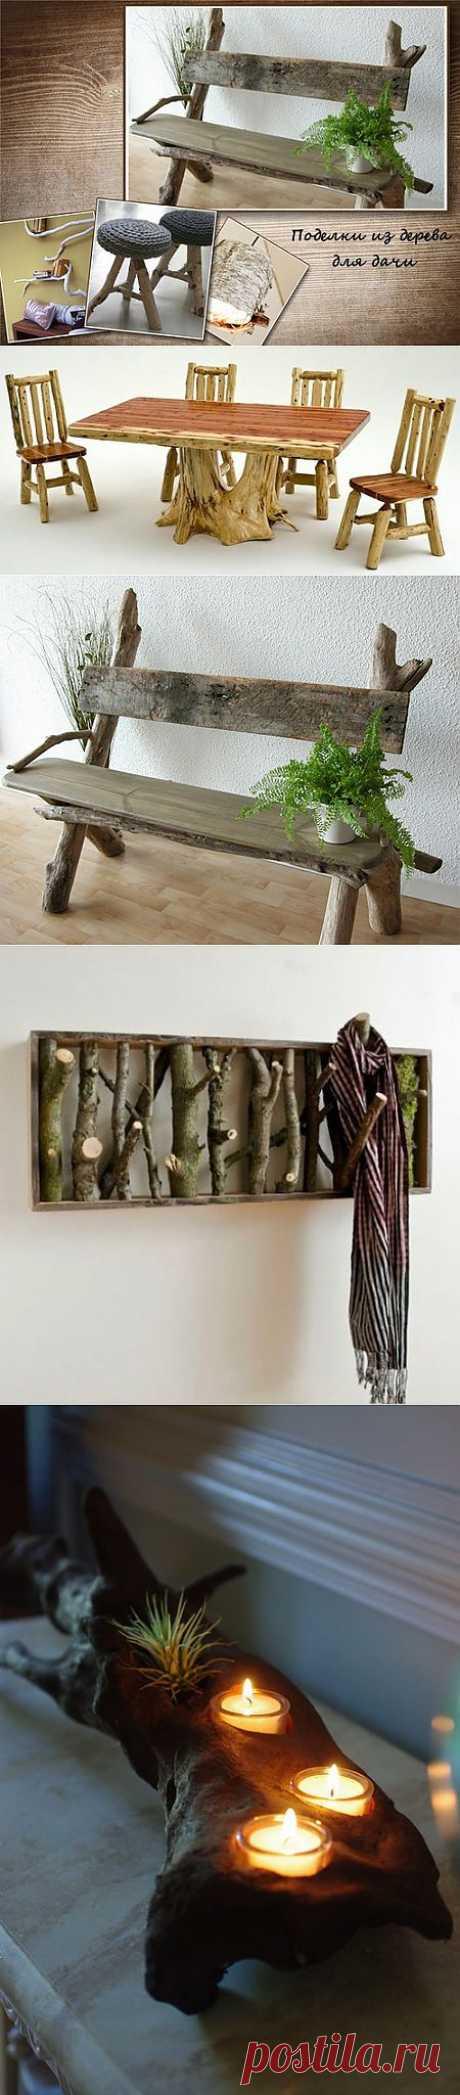 Поделки из дерева для дачи.